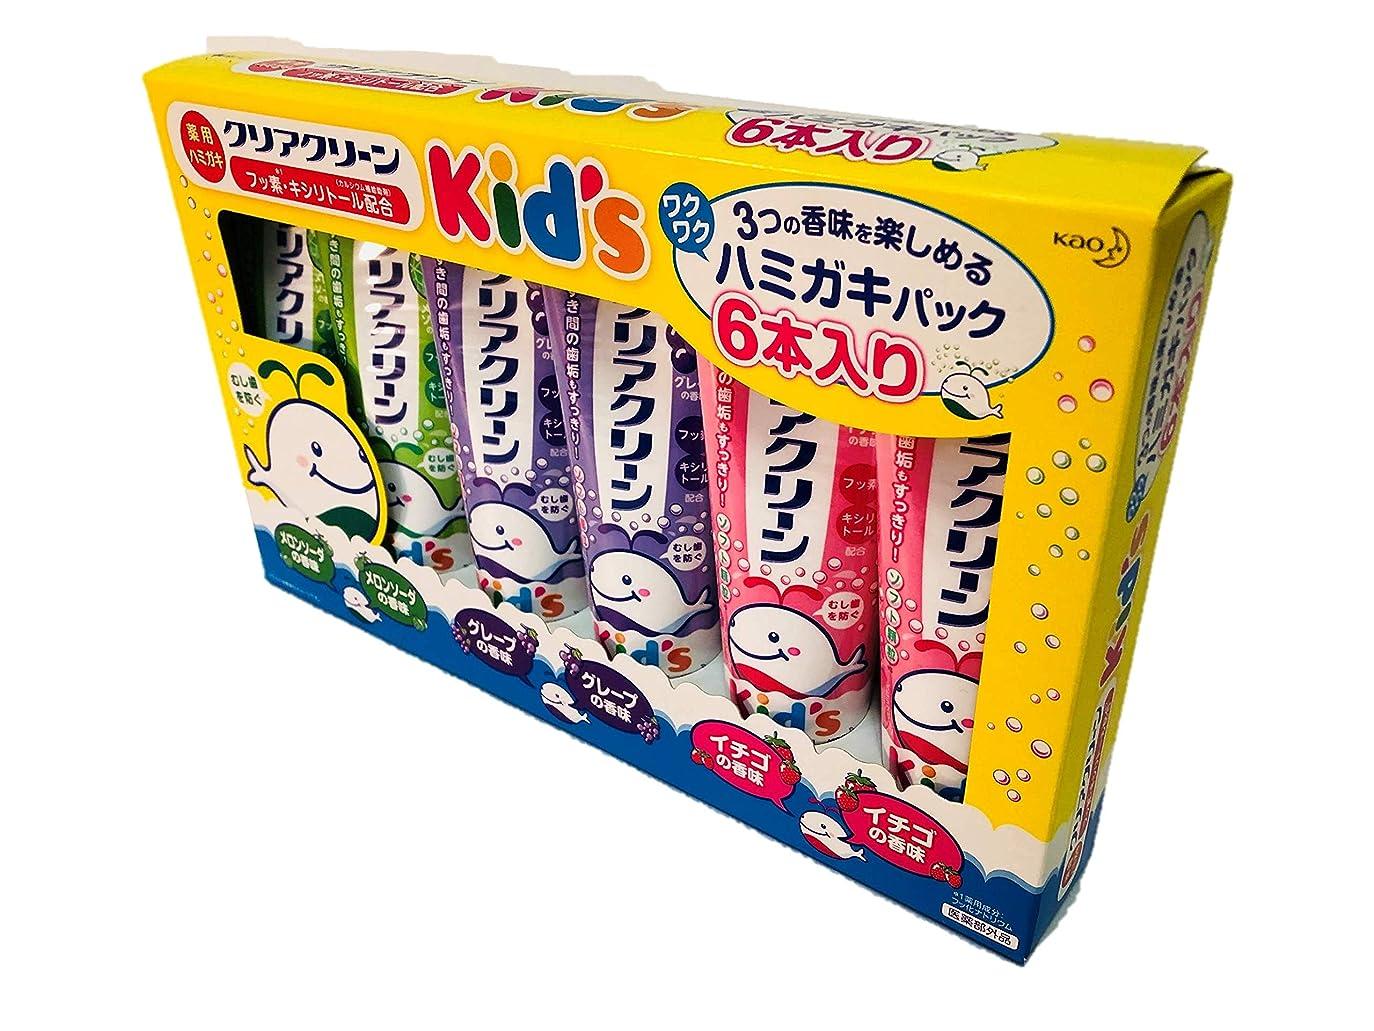 経済的お手入れオフェンスクリアクリーン Kids ハミガキ 6本入りパック (メロンソーダ?グレープ?イチゴ)70g×6本 薬用ハミガキ